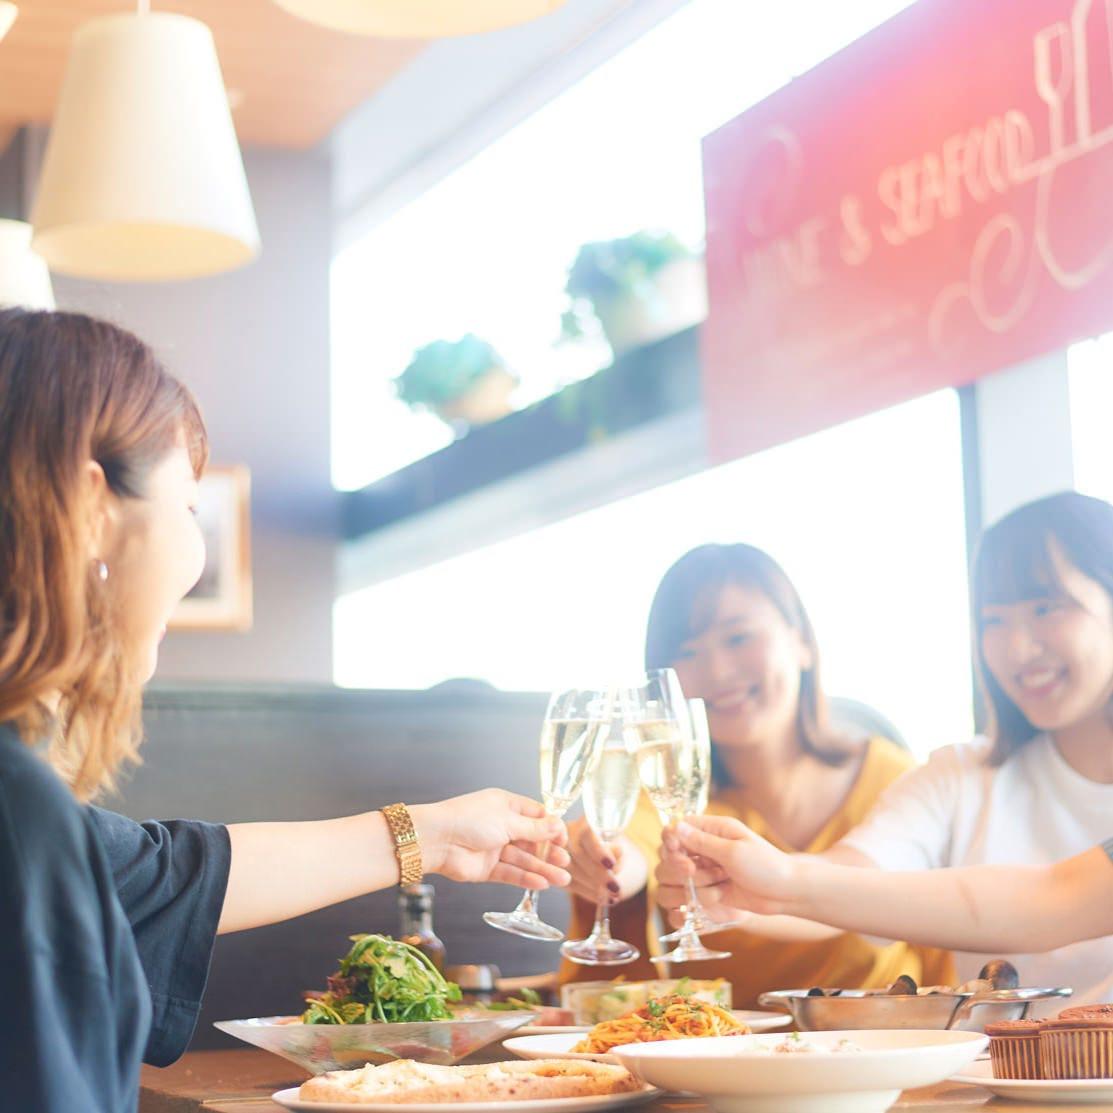 【新春プラン】飲み放題付やっぱりメインはお肉が食べたい!銘柄豚グリルプラン【5,000円】